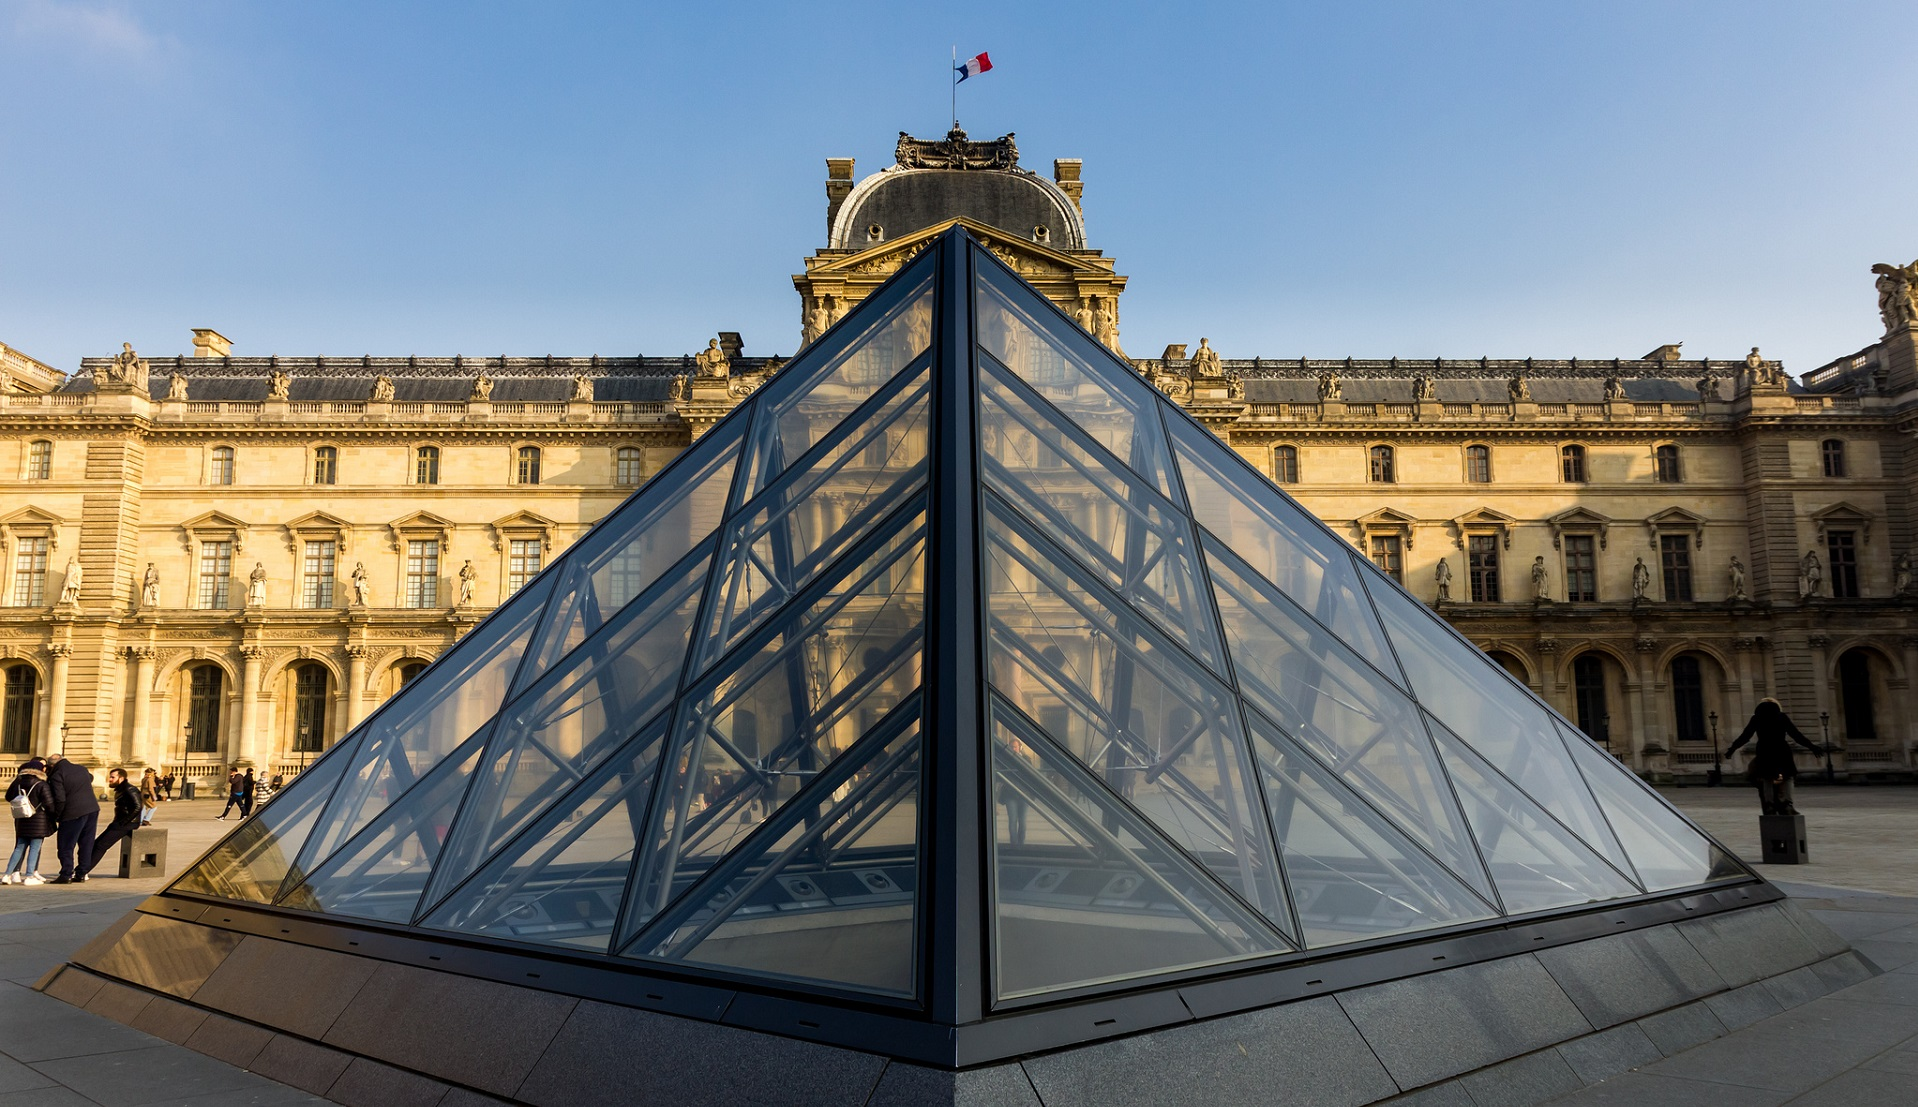 El impulso de Francia en IA: invertirá 1.500 millones de euros hasta 2022